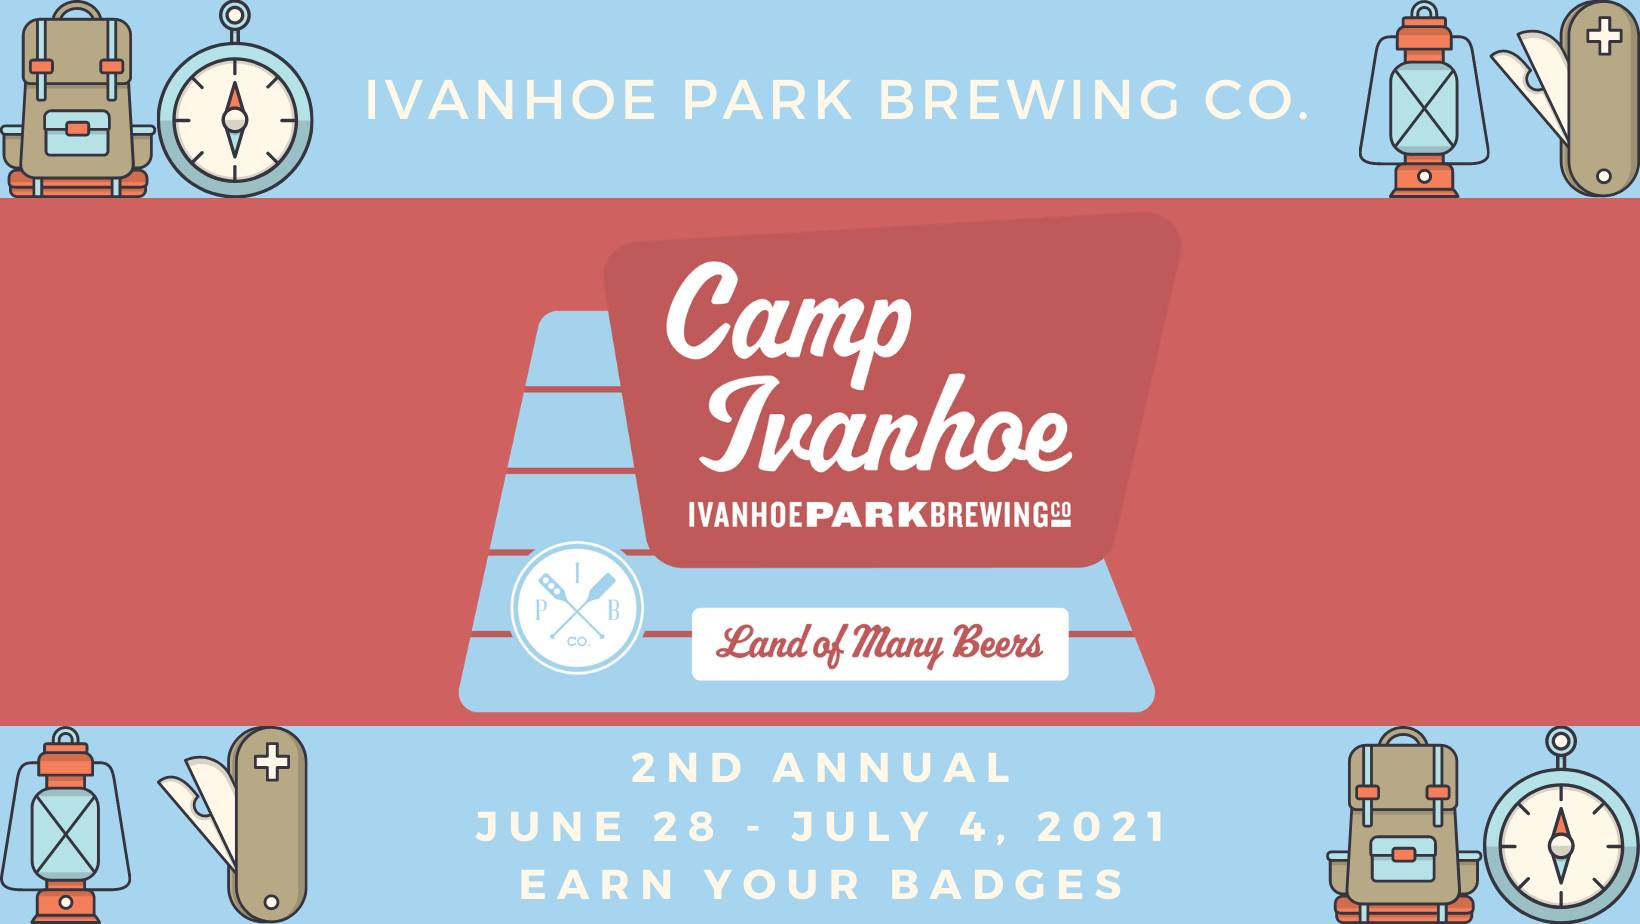 Camp Ivanhoe logo